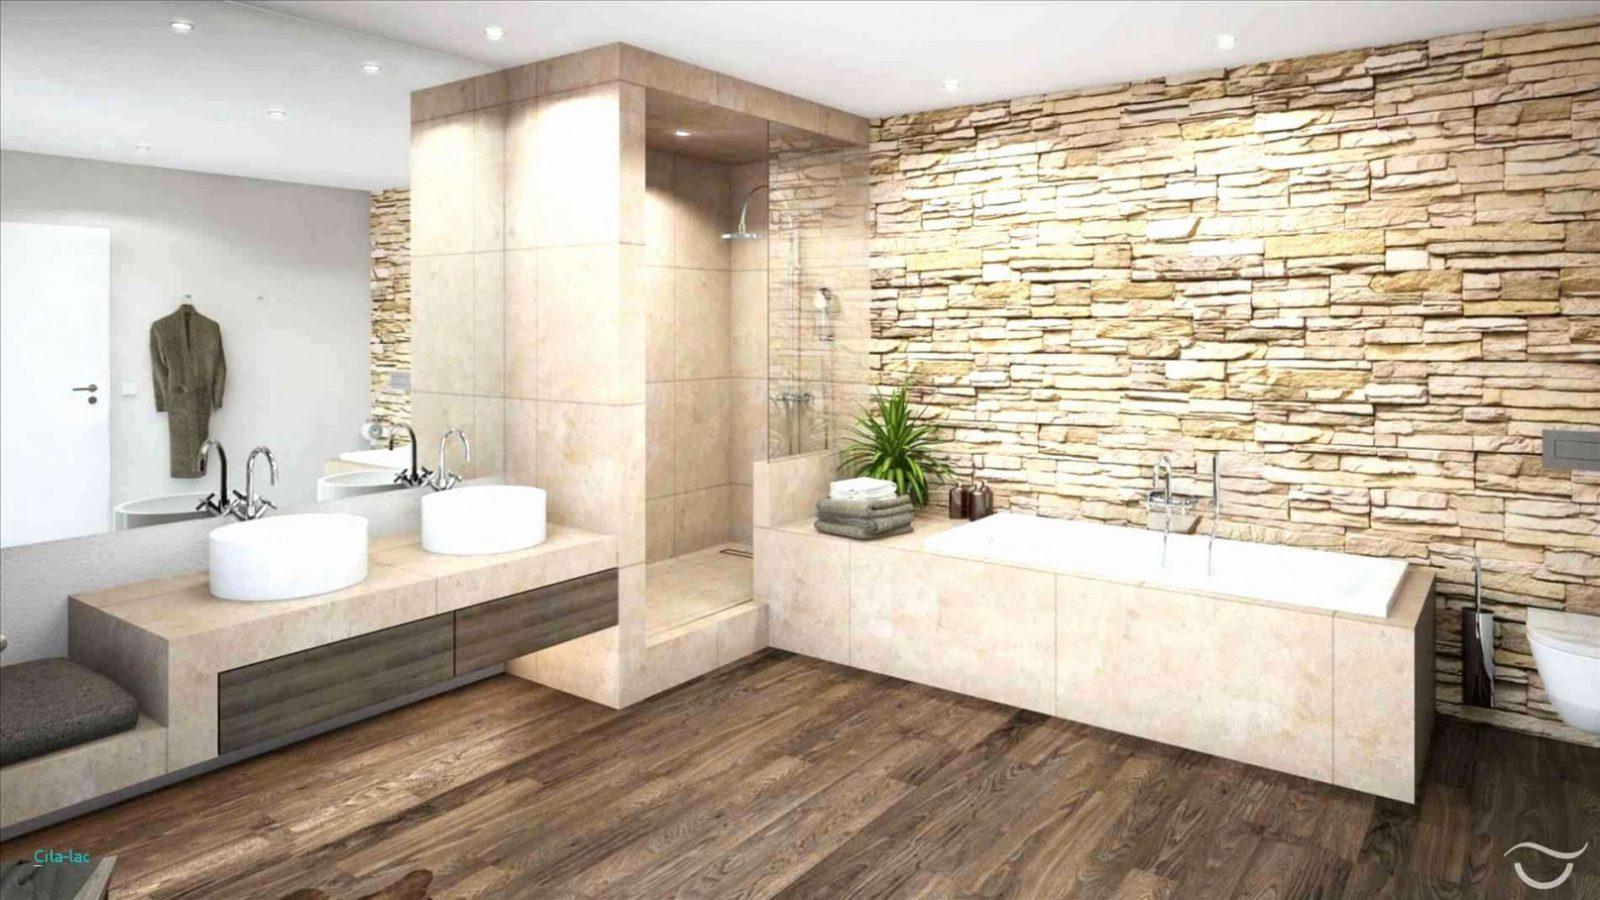 Gestaltung Badezimmer Genial Badezimmer Ideen Fliesen Design von Badezimmer Ideen Fliesen Bild